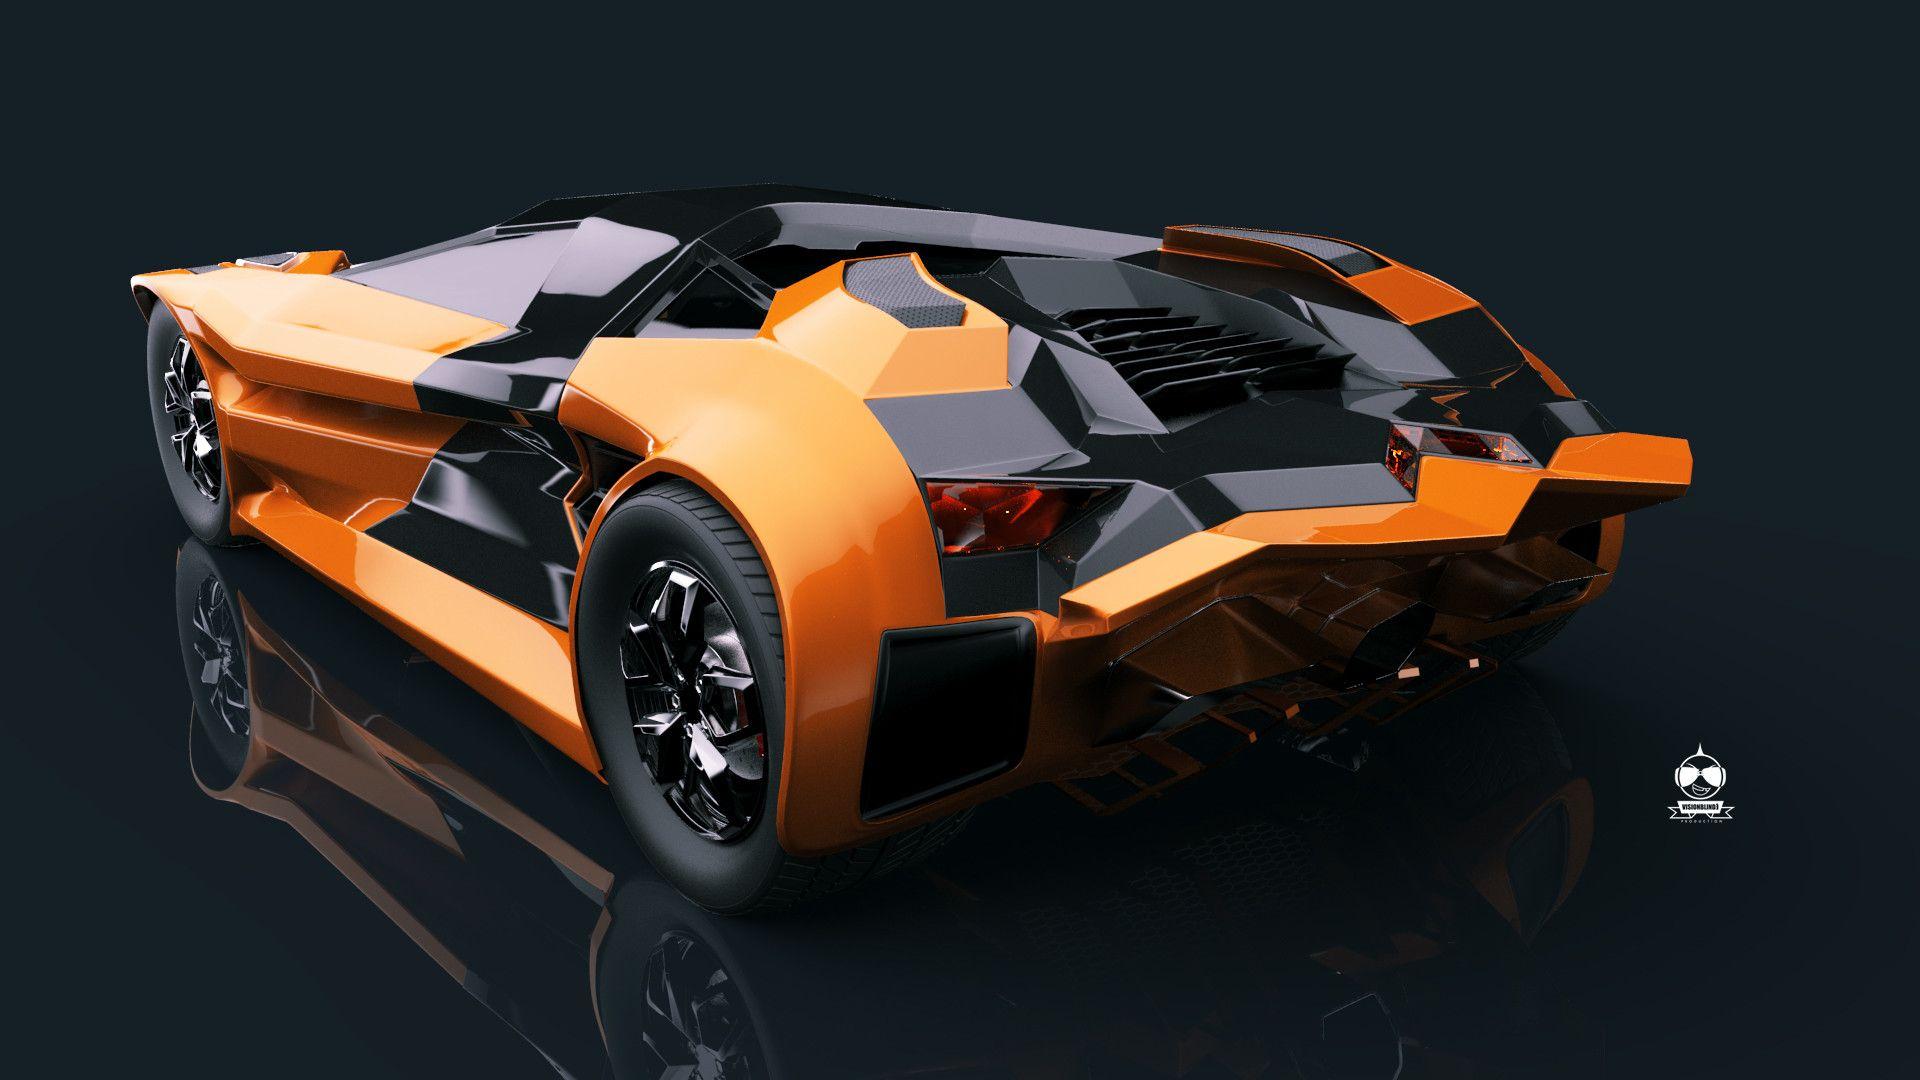 Attrayant Lamborghini Diamante Concept By Vision Blindé Studio